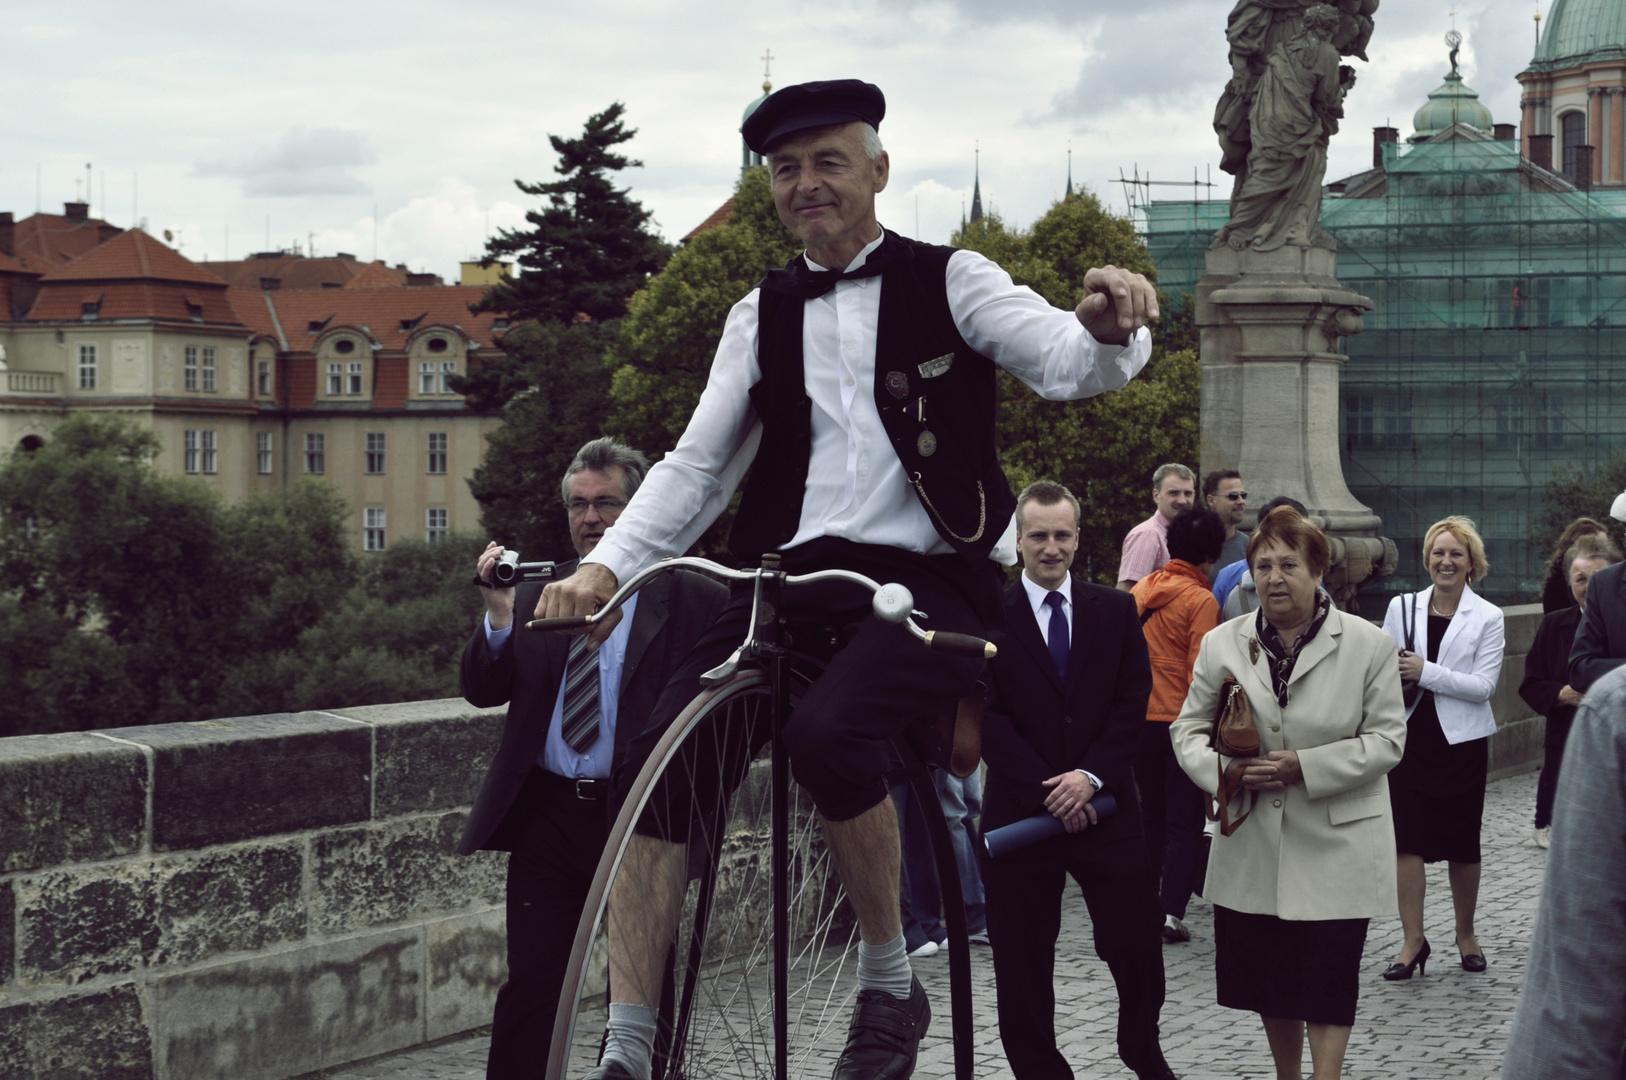 Das etwas andere Fahrrad